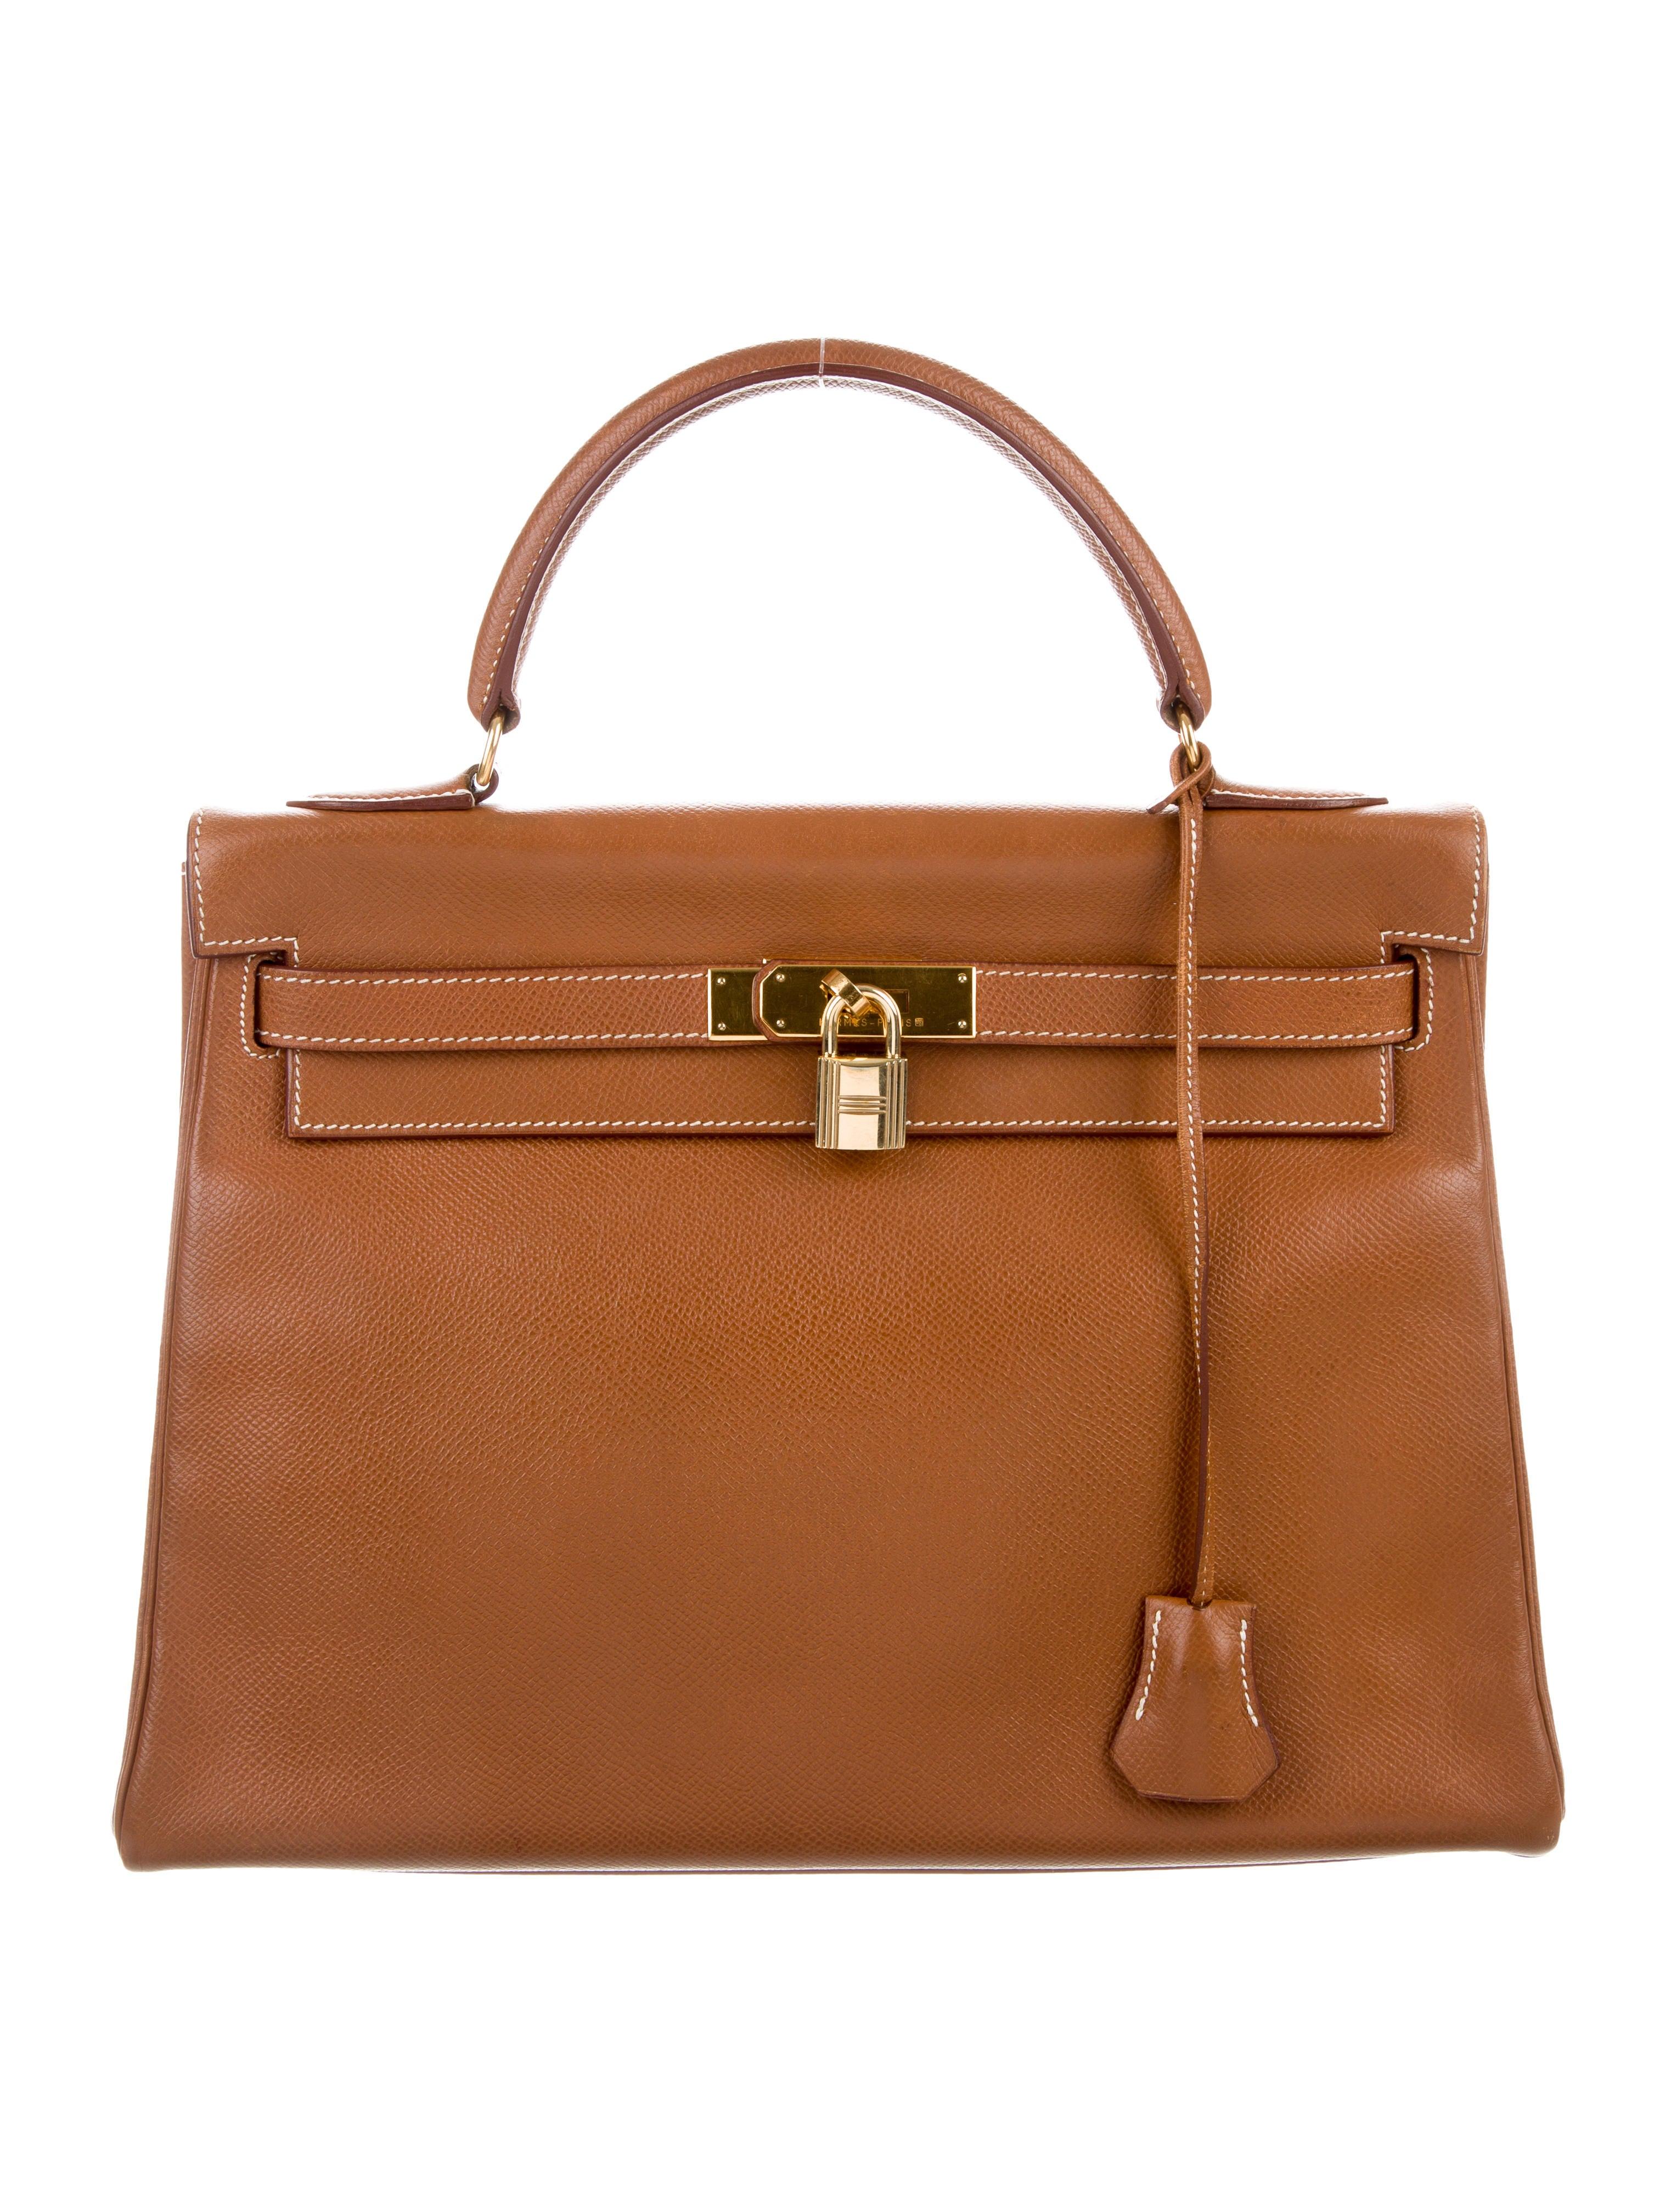 Hermès Kelly Bag  4a705f7d93fb5